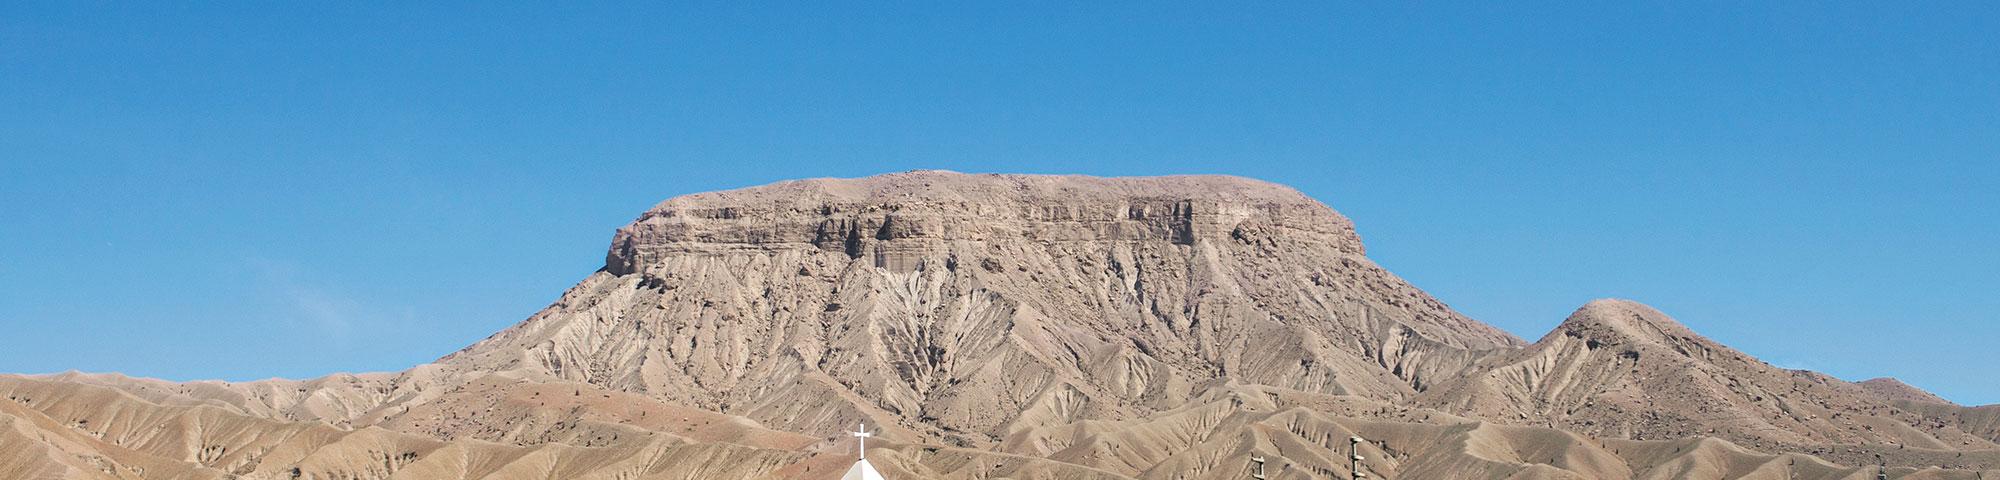 Zona aqueológica de Cerro Baúl